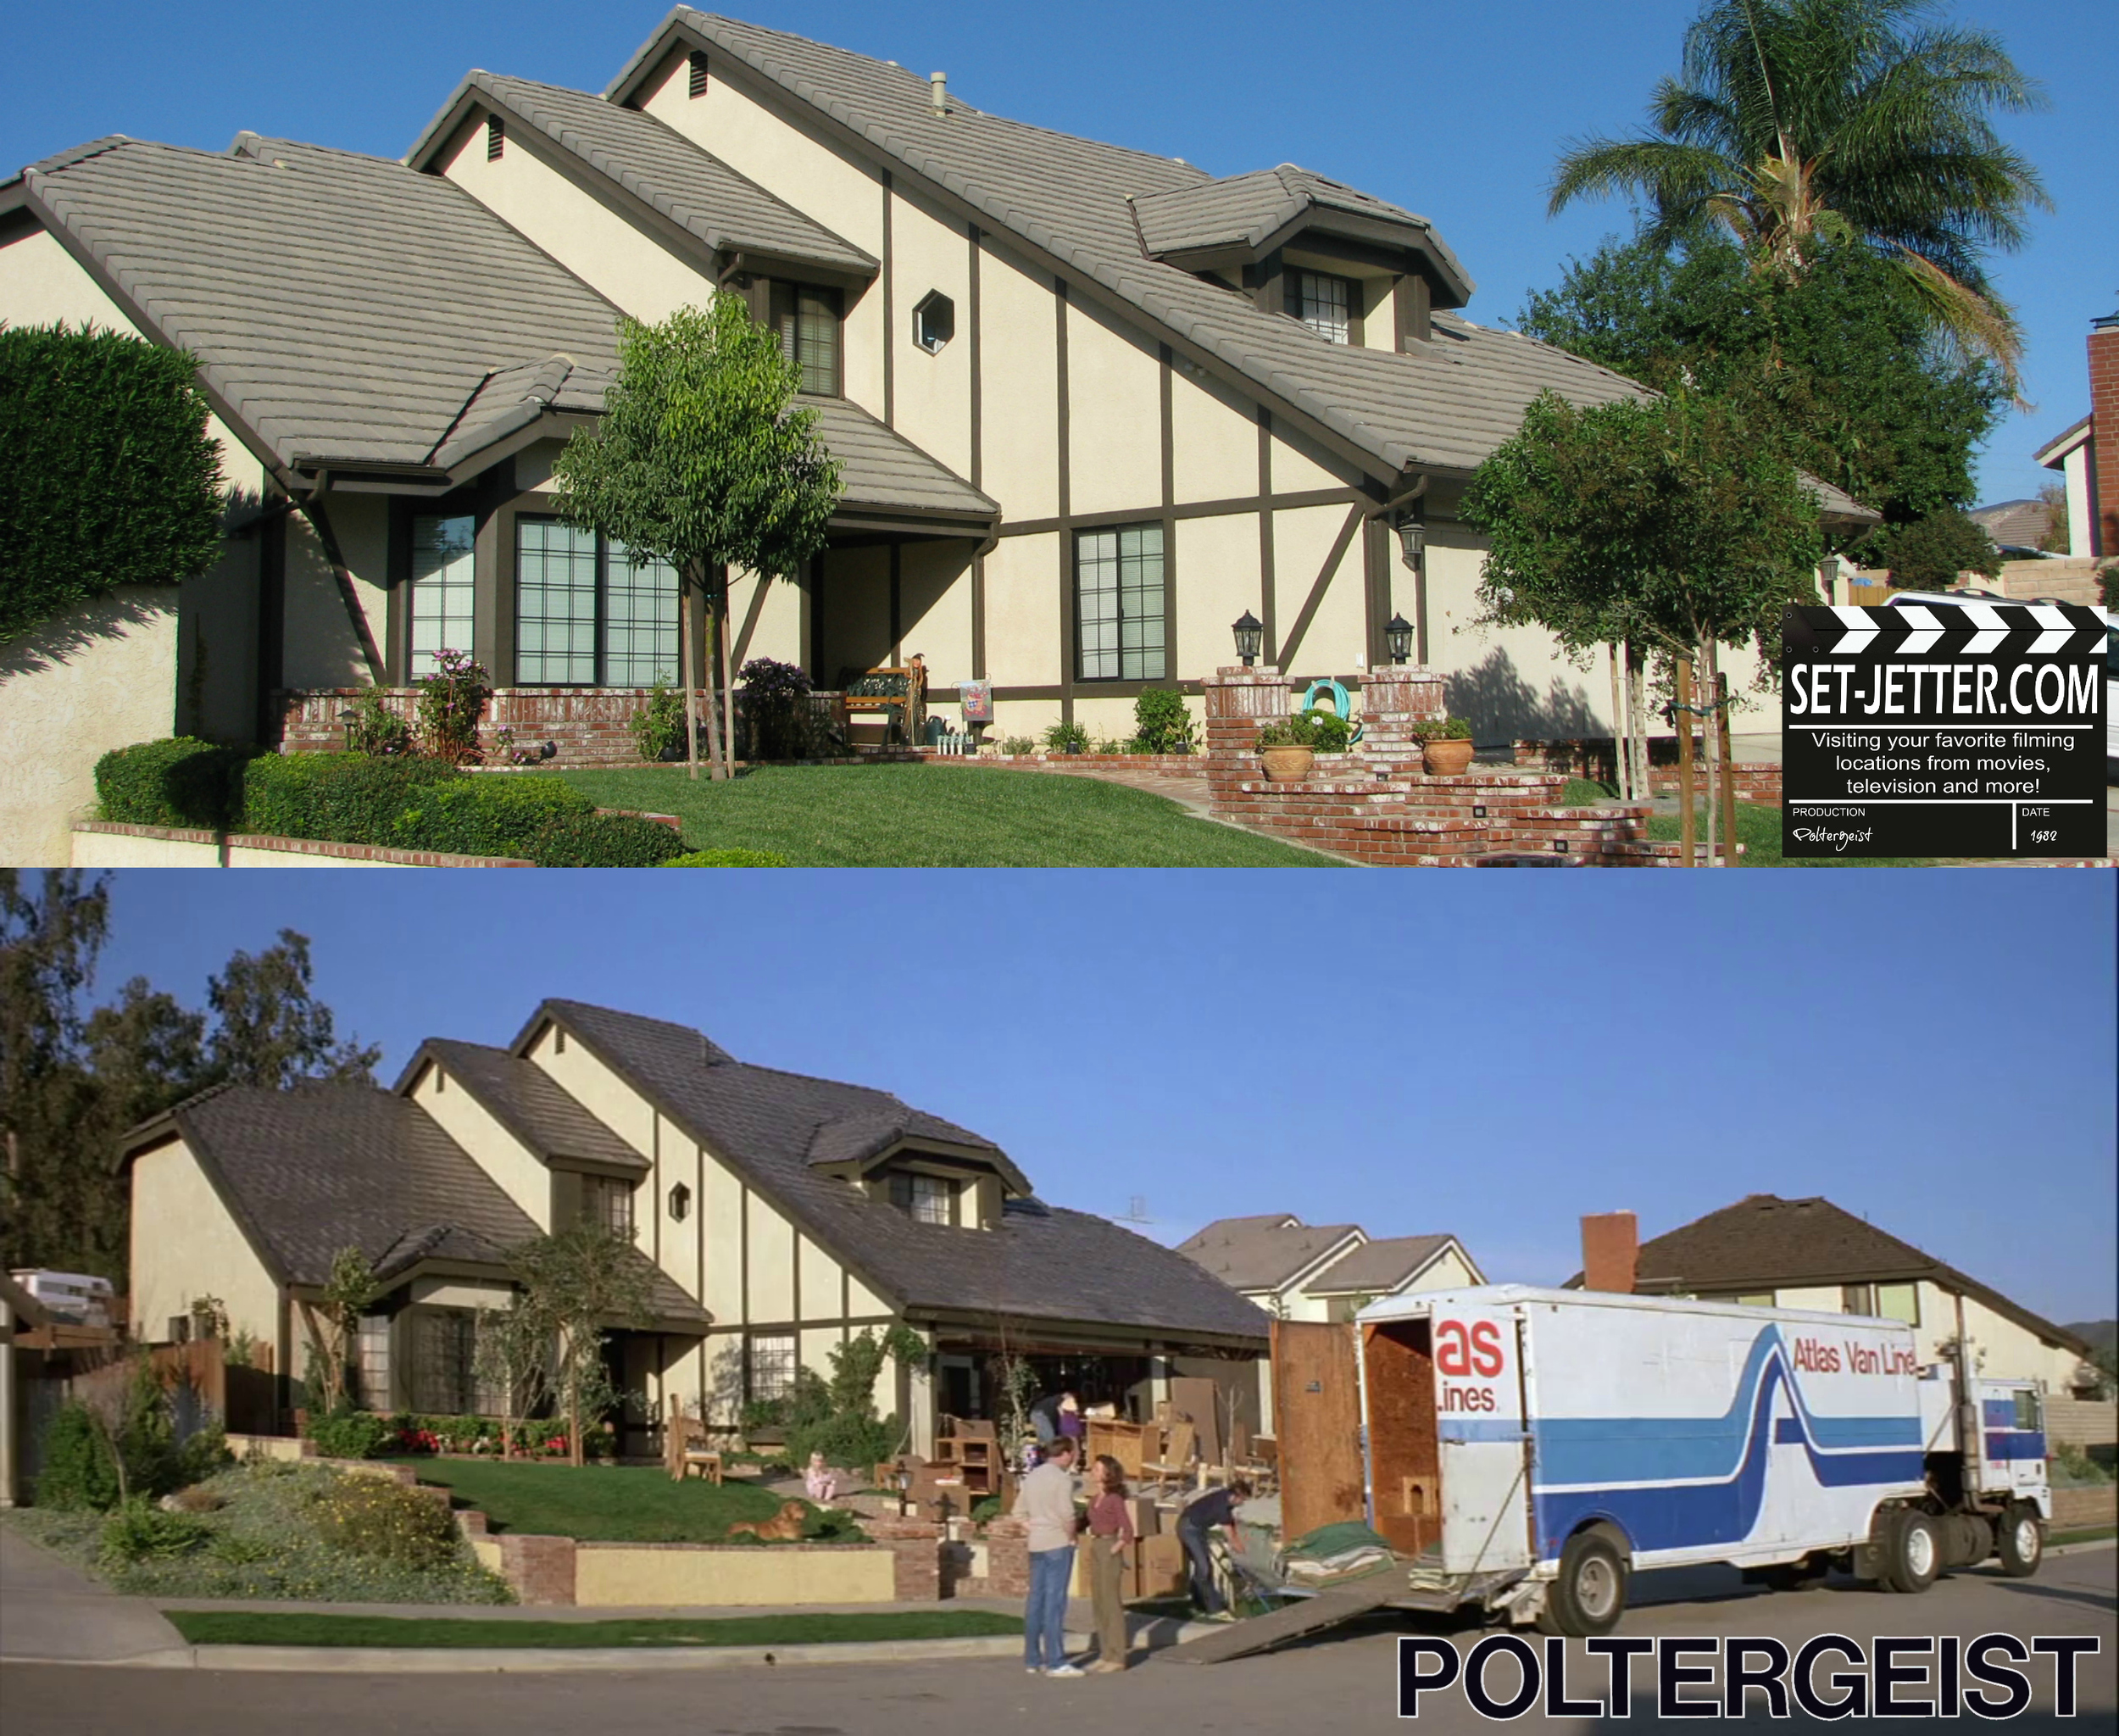 Poltergeist comparison 64.jpg